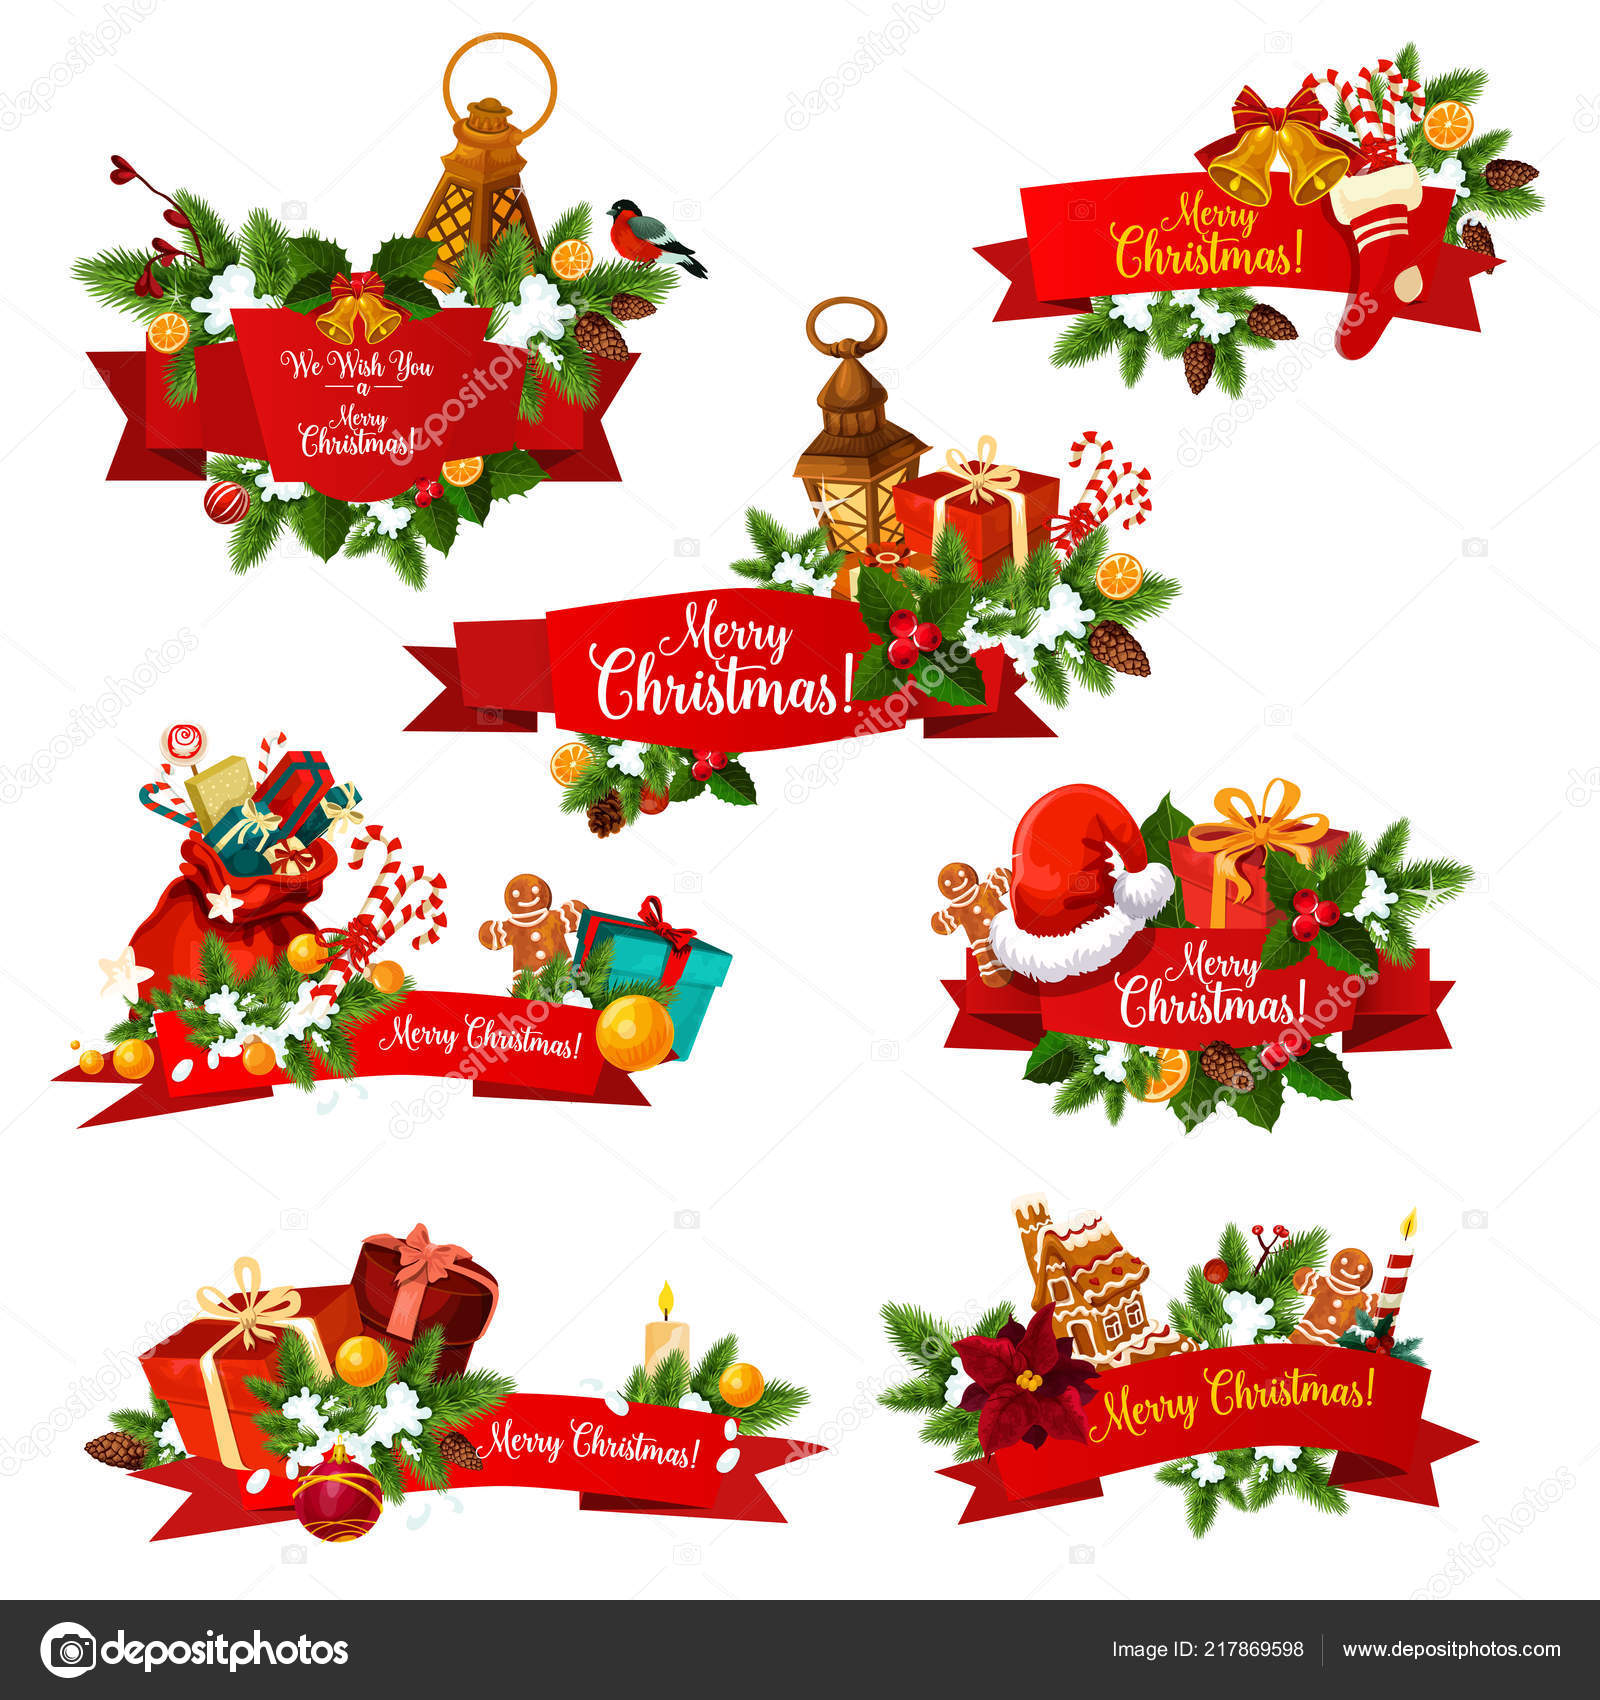 Immagini Vettoriali Natale.Desiderio Di Natale Saluto Nastri Vettoriale Icone